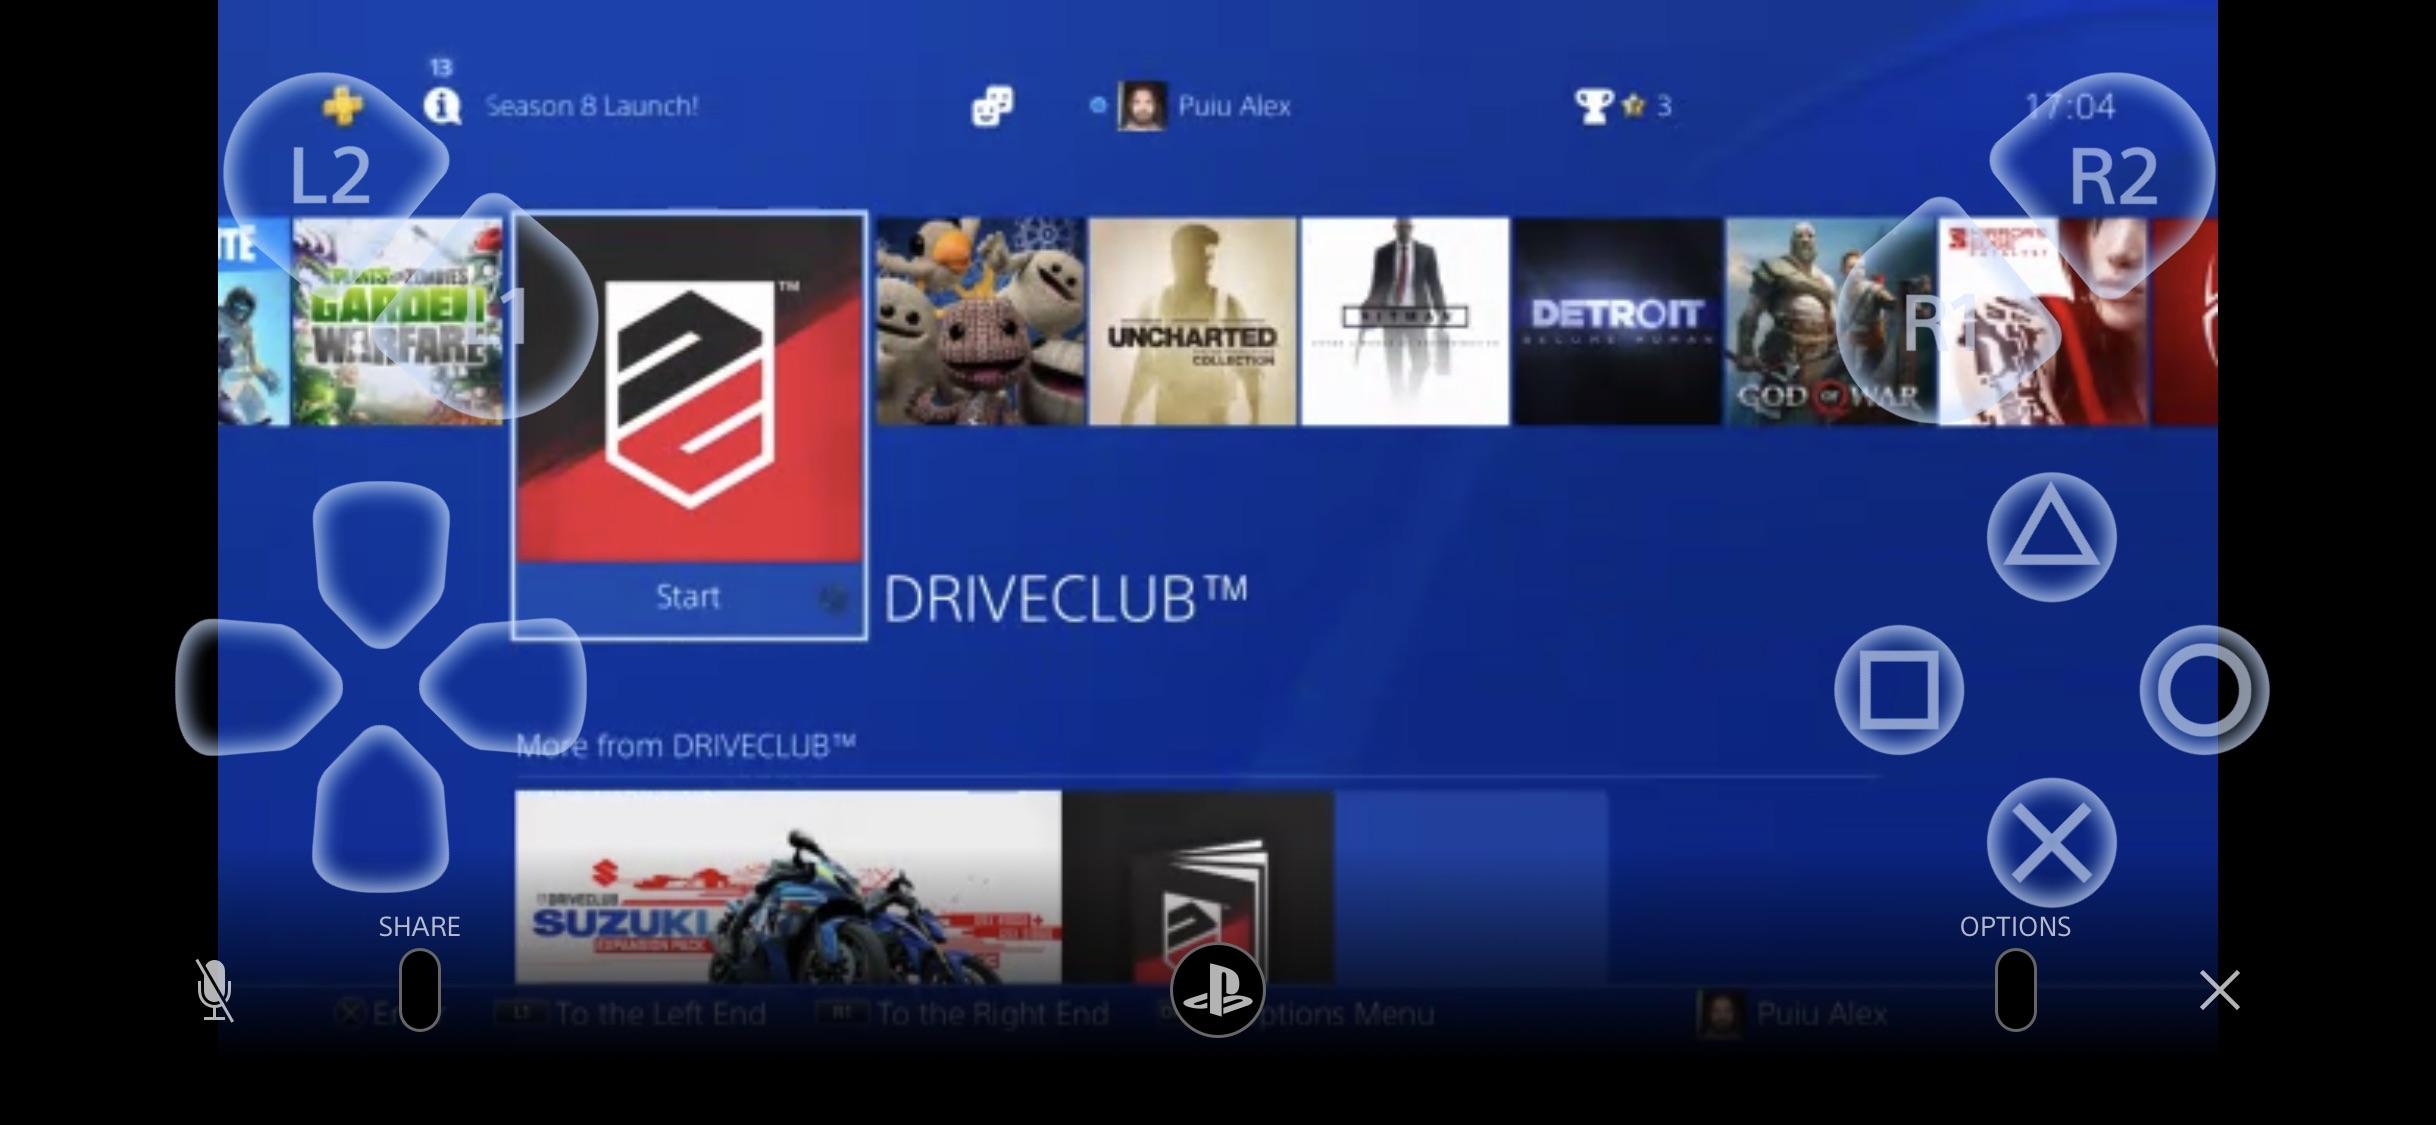 Remote Play ecran principal ios